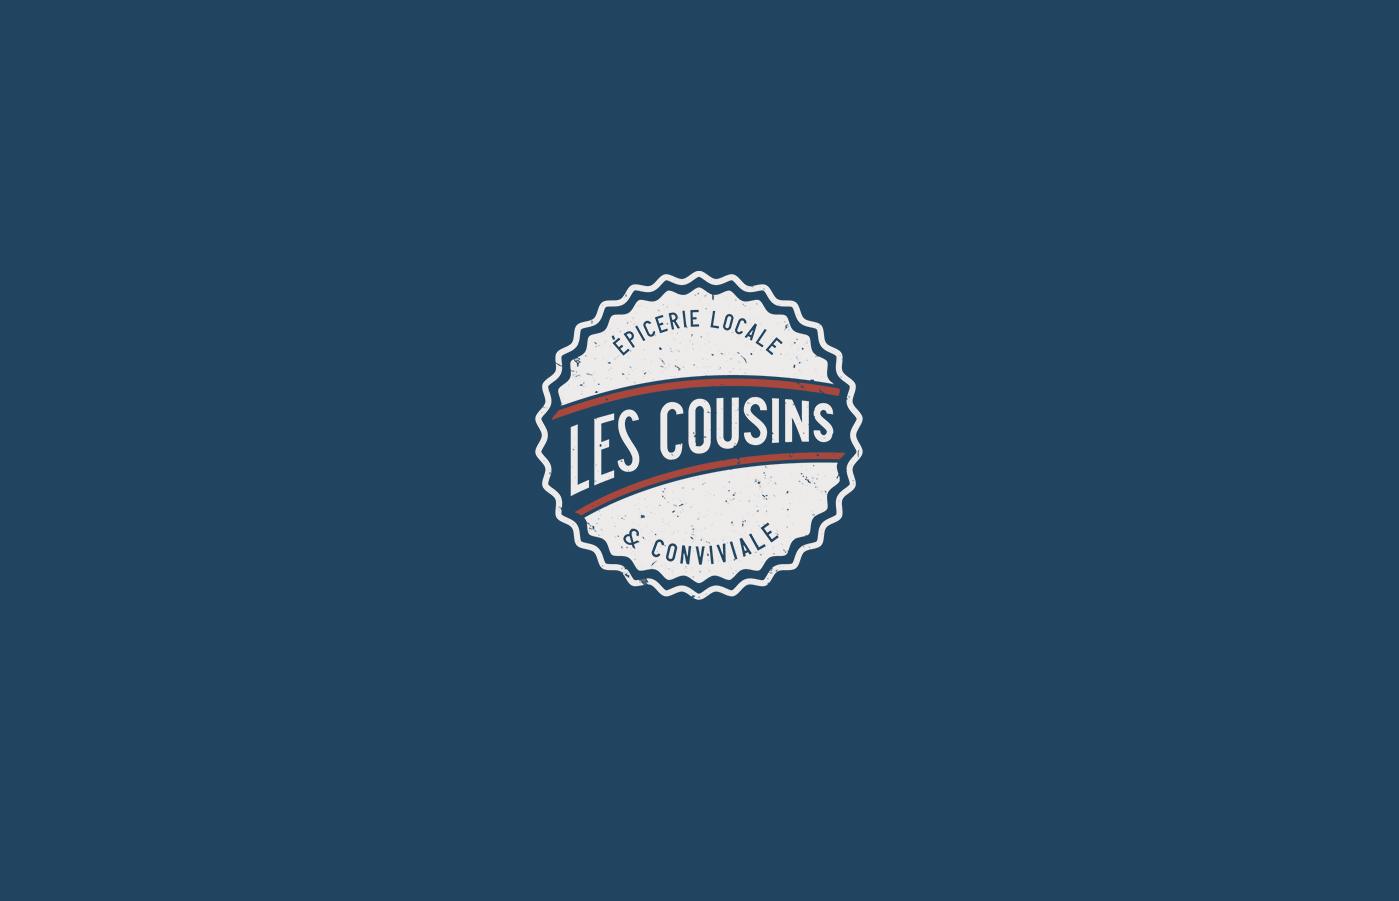 Les Cousins logo secondaire - Mathieu Dupuis freelance